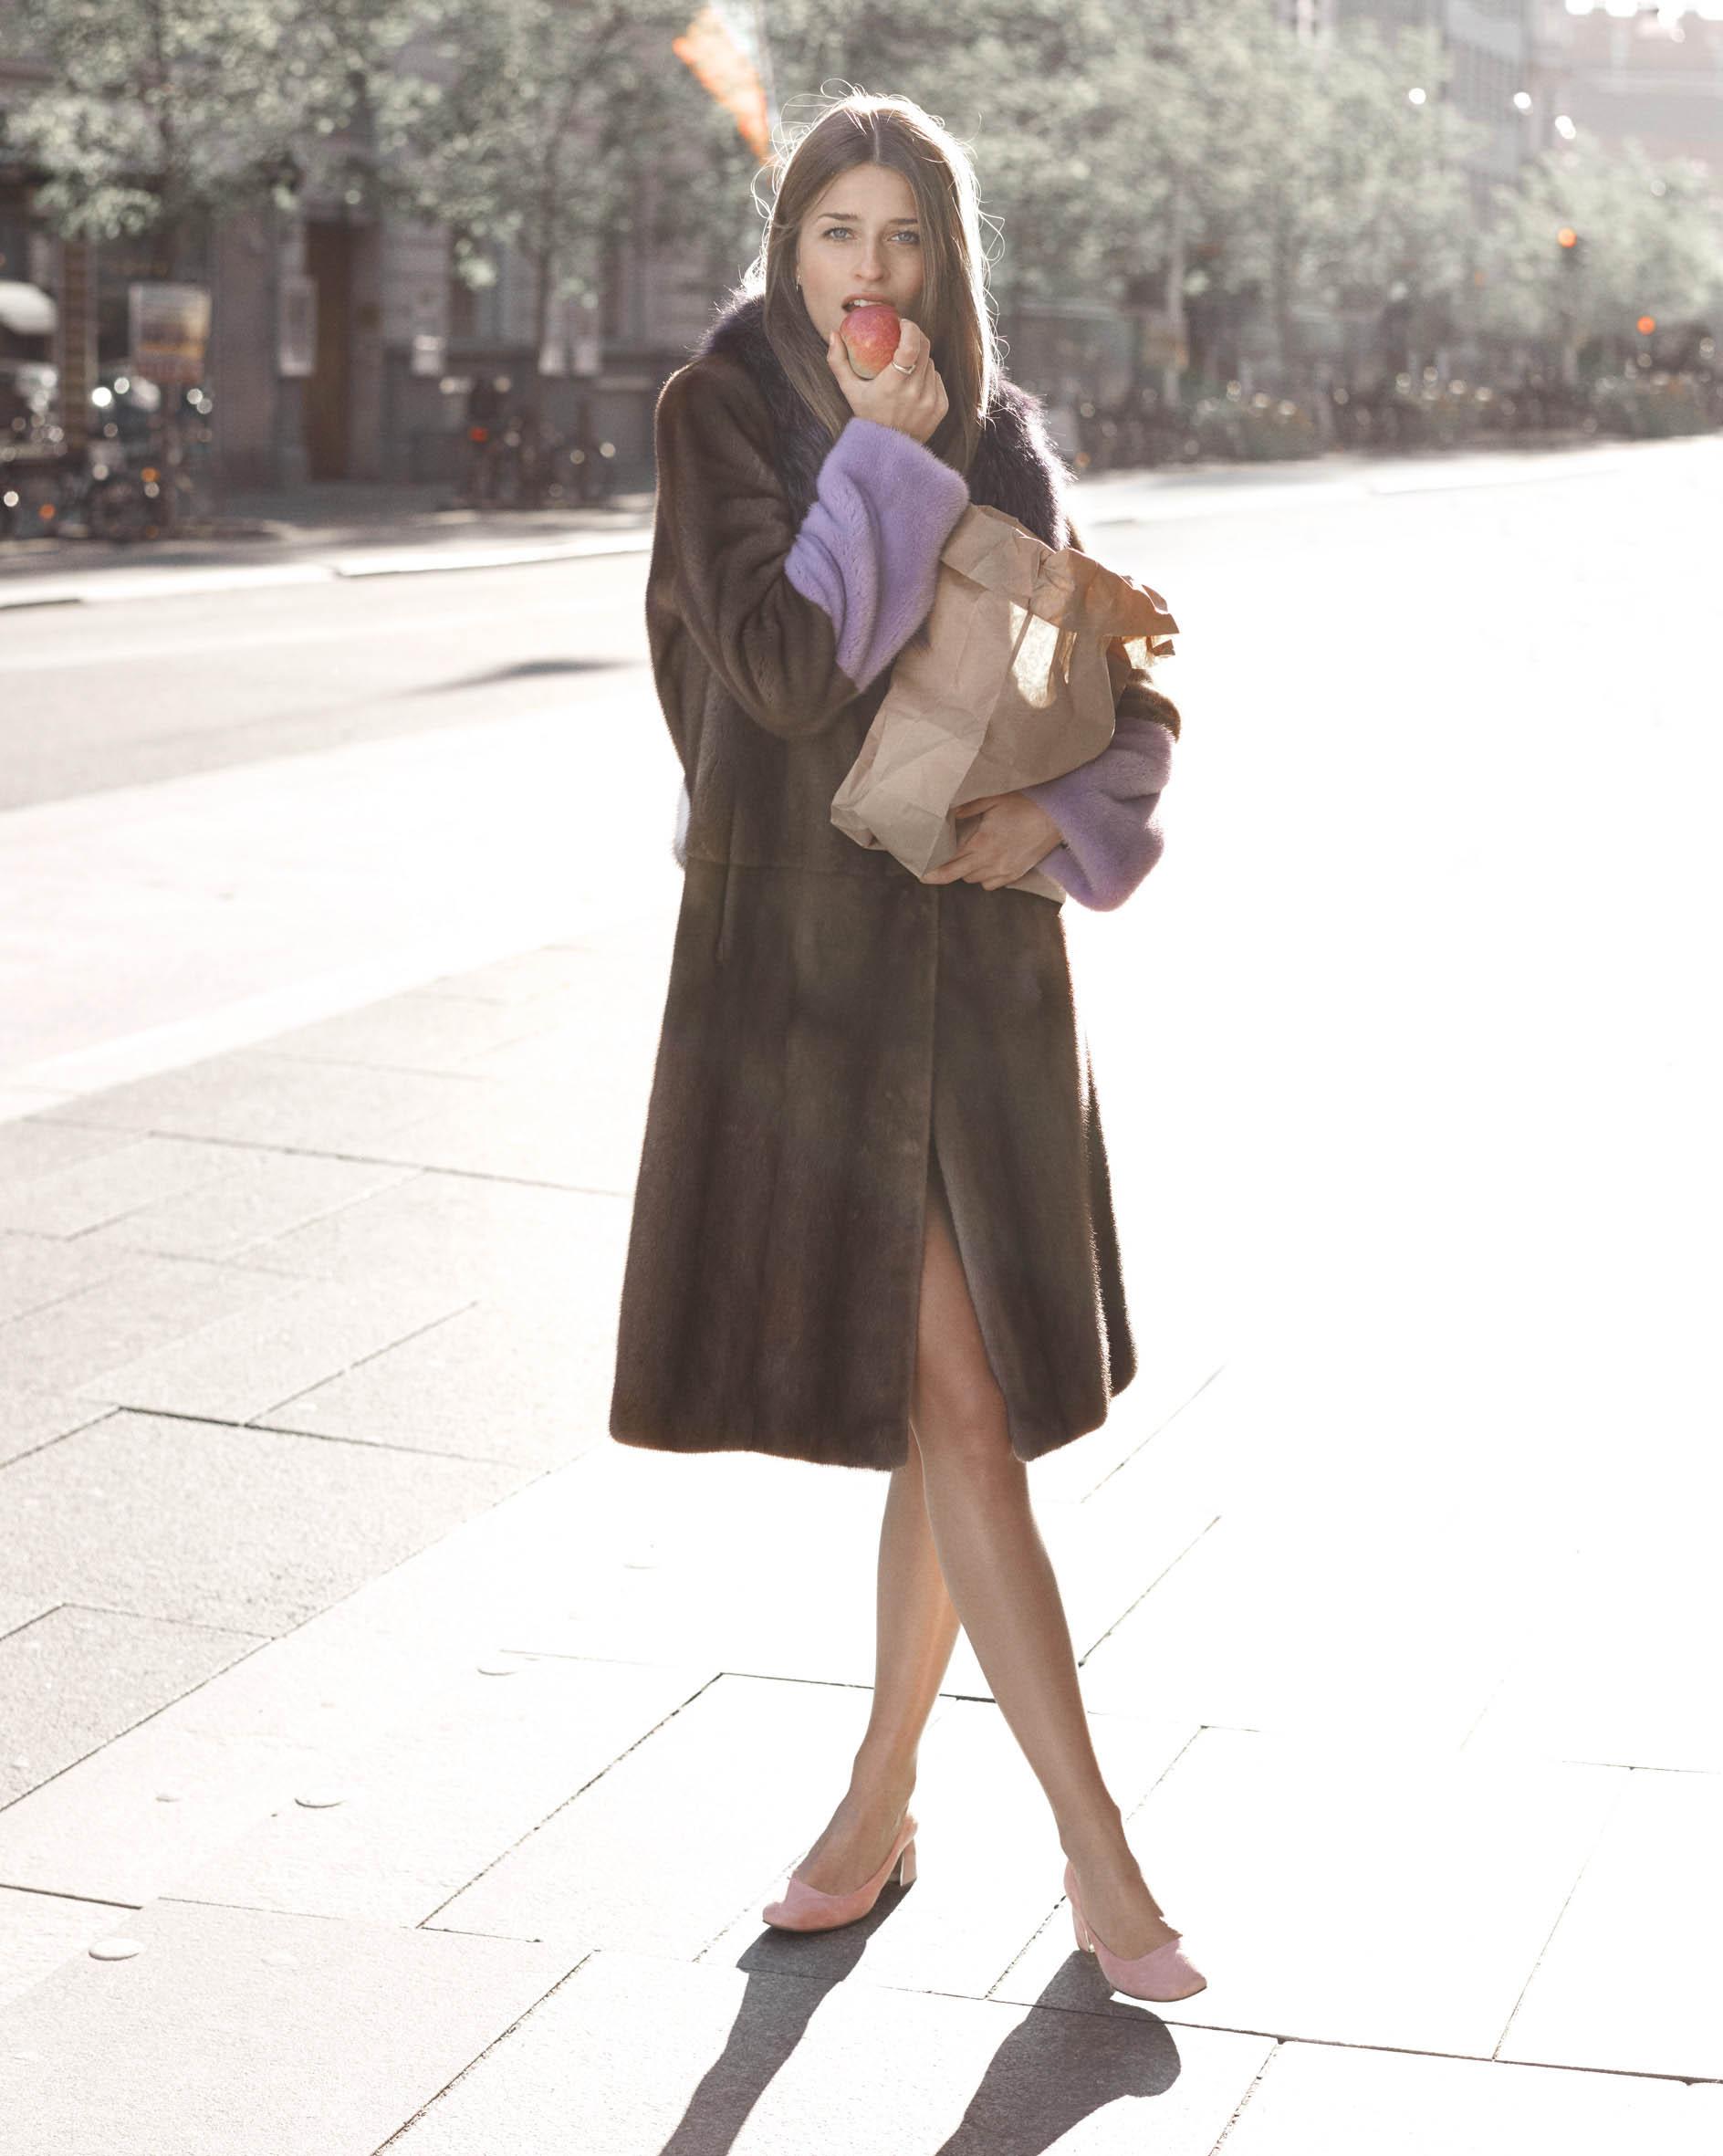 пальто из меха норки с лисьим воротником, Saks Potts; туфли Eda из замши в стиле 90-х годов, Notabene by Roberto Festa; серьги La Lune, Anni Lu; перстень Piper из желтого золота, RebekkaRebekka